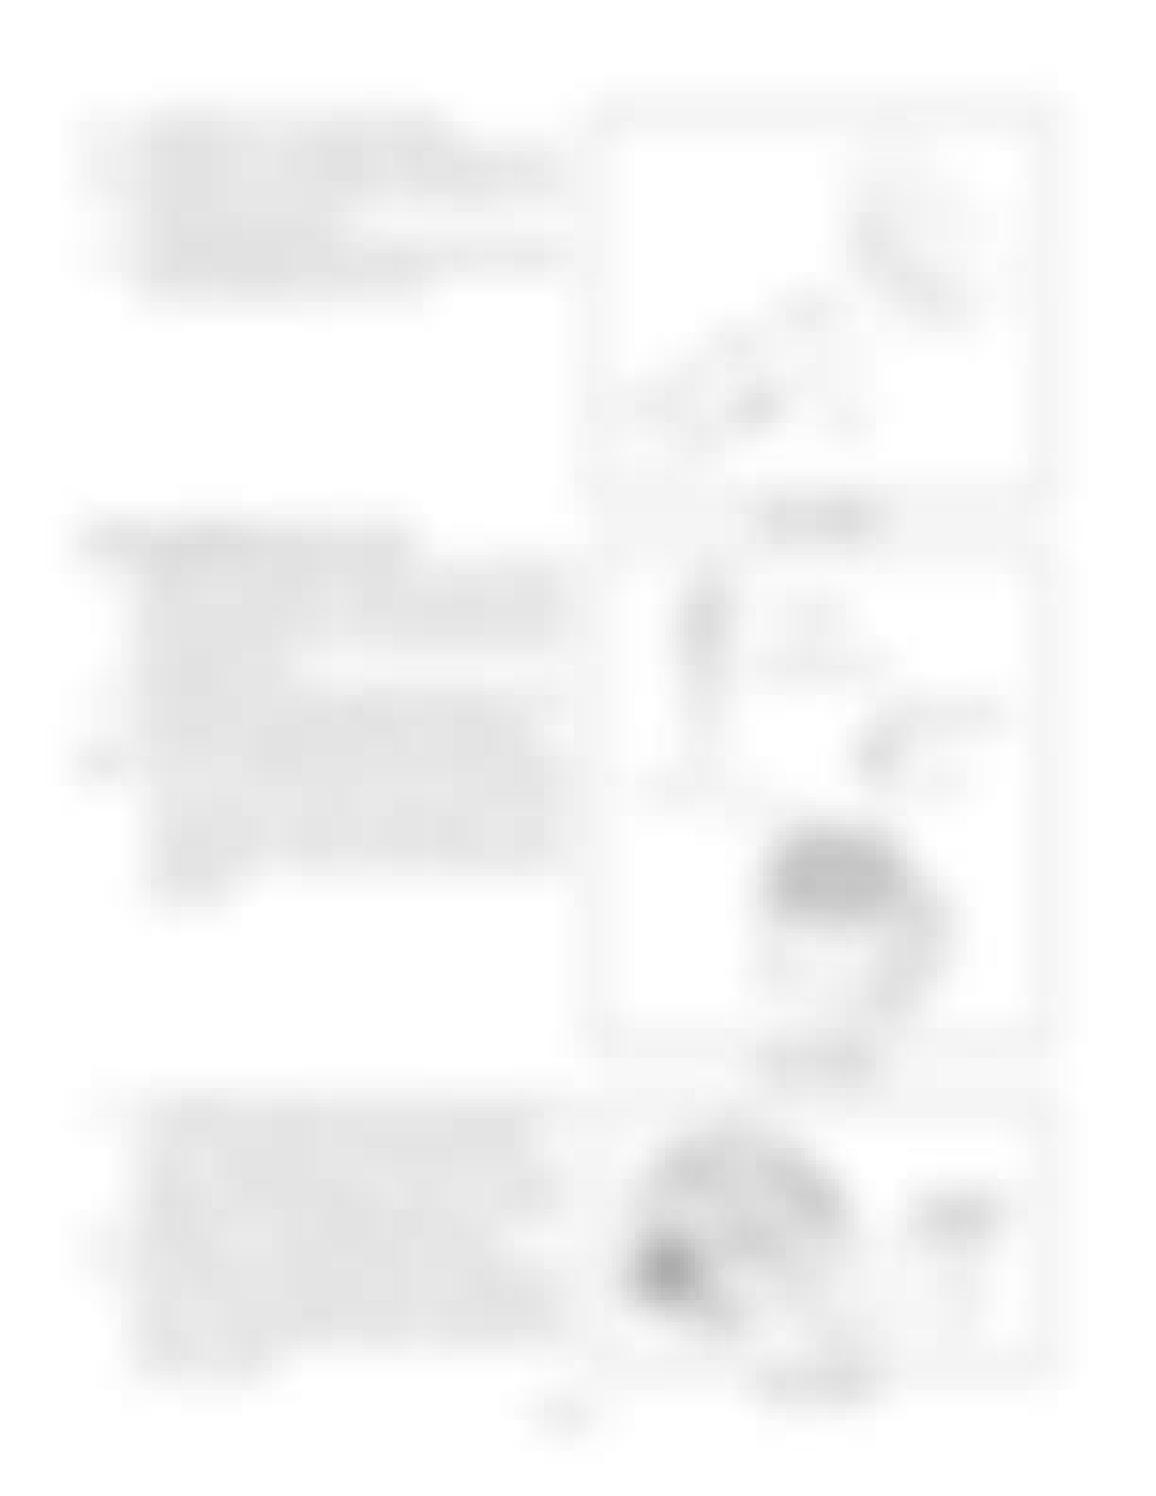 Hitachi LX110-7 LX130-7 LX160-7 LX190-7 LX230-7 Wheel Loader Workshop Manual - PDF DOWNLOAD page 298